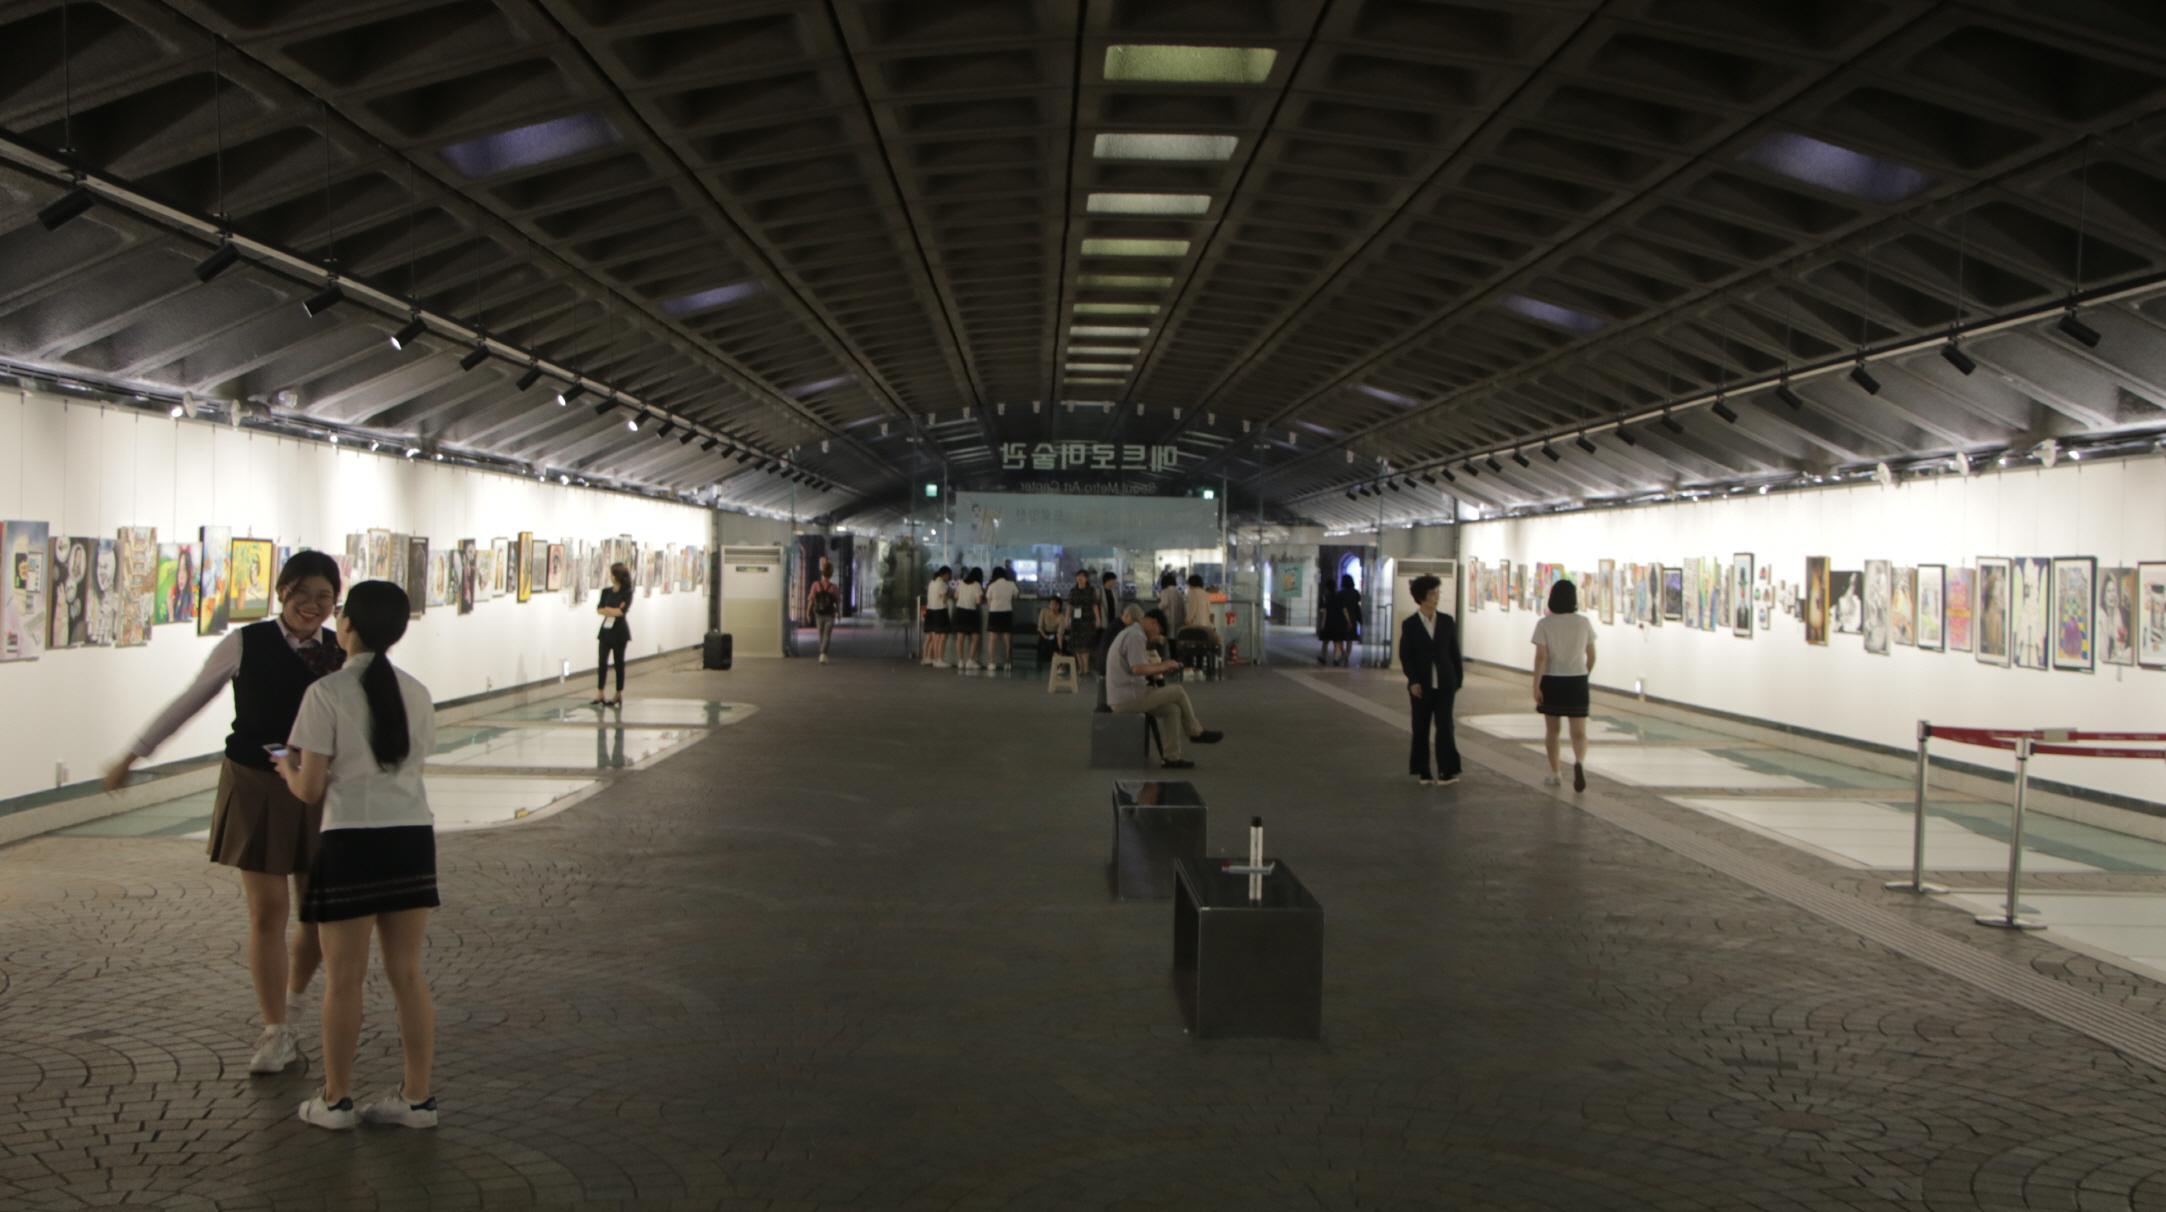 지하철 경복궁 역사(내부 전경2)